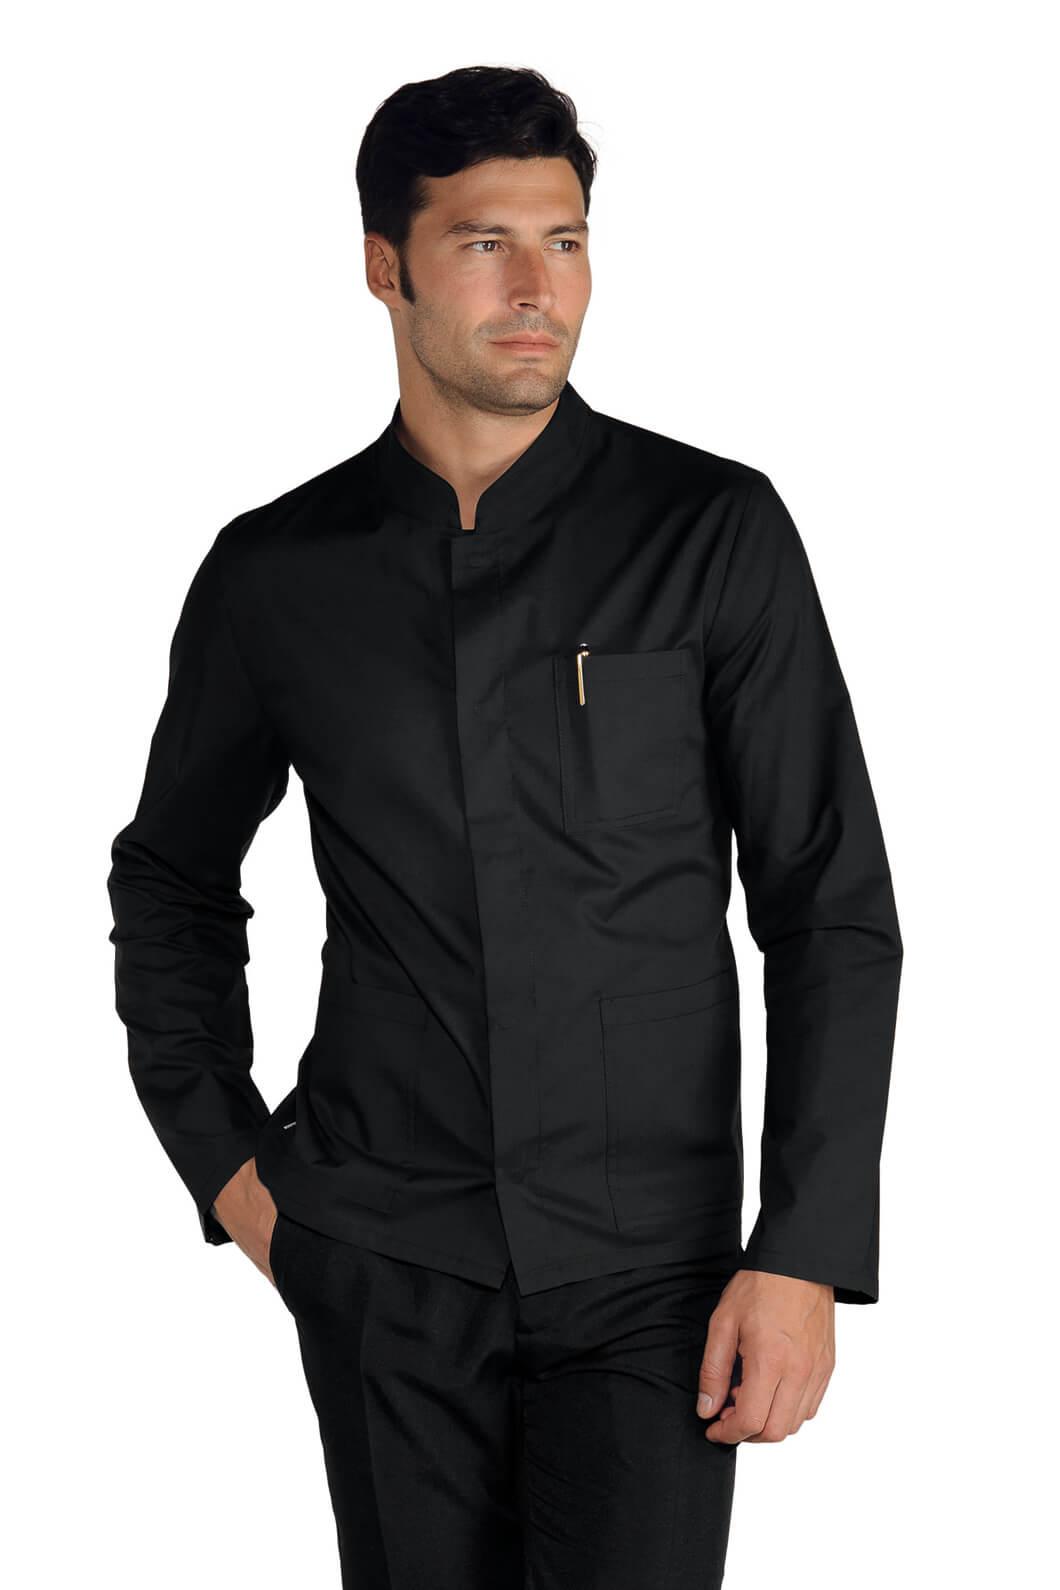 veste homme col mao tissu l g coreana noir. Black Bedroom Furniture Sets. Home Design Ideas